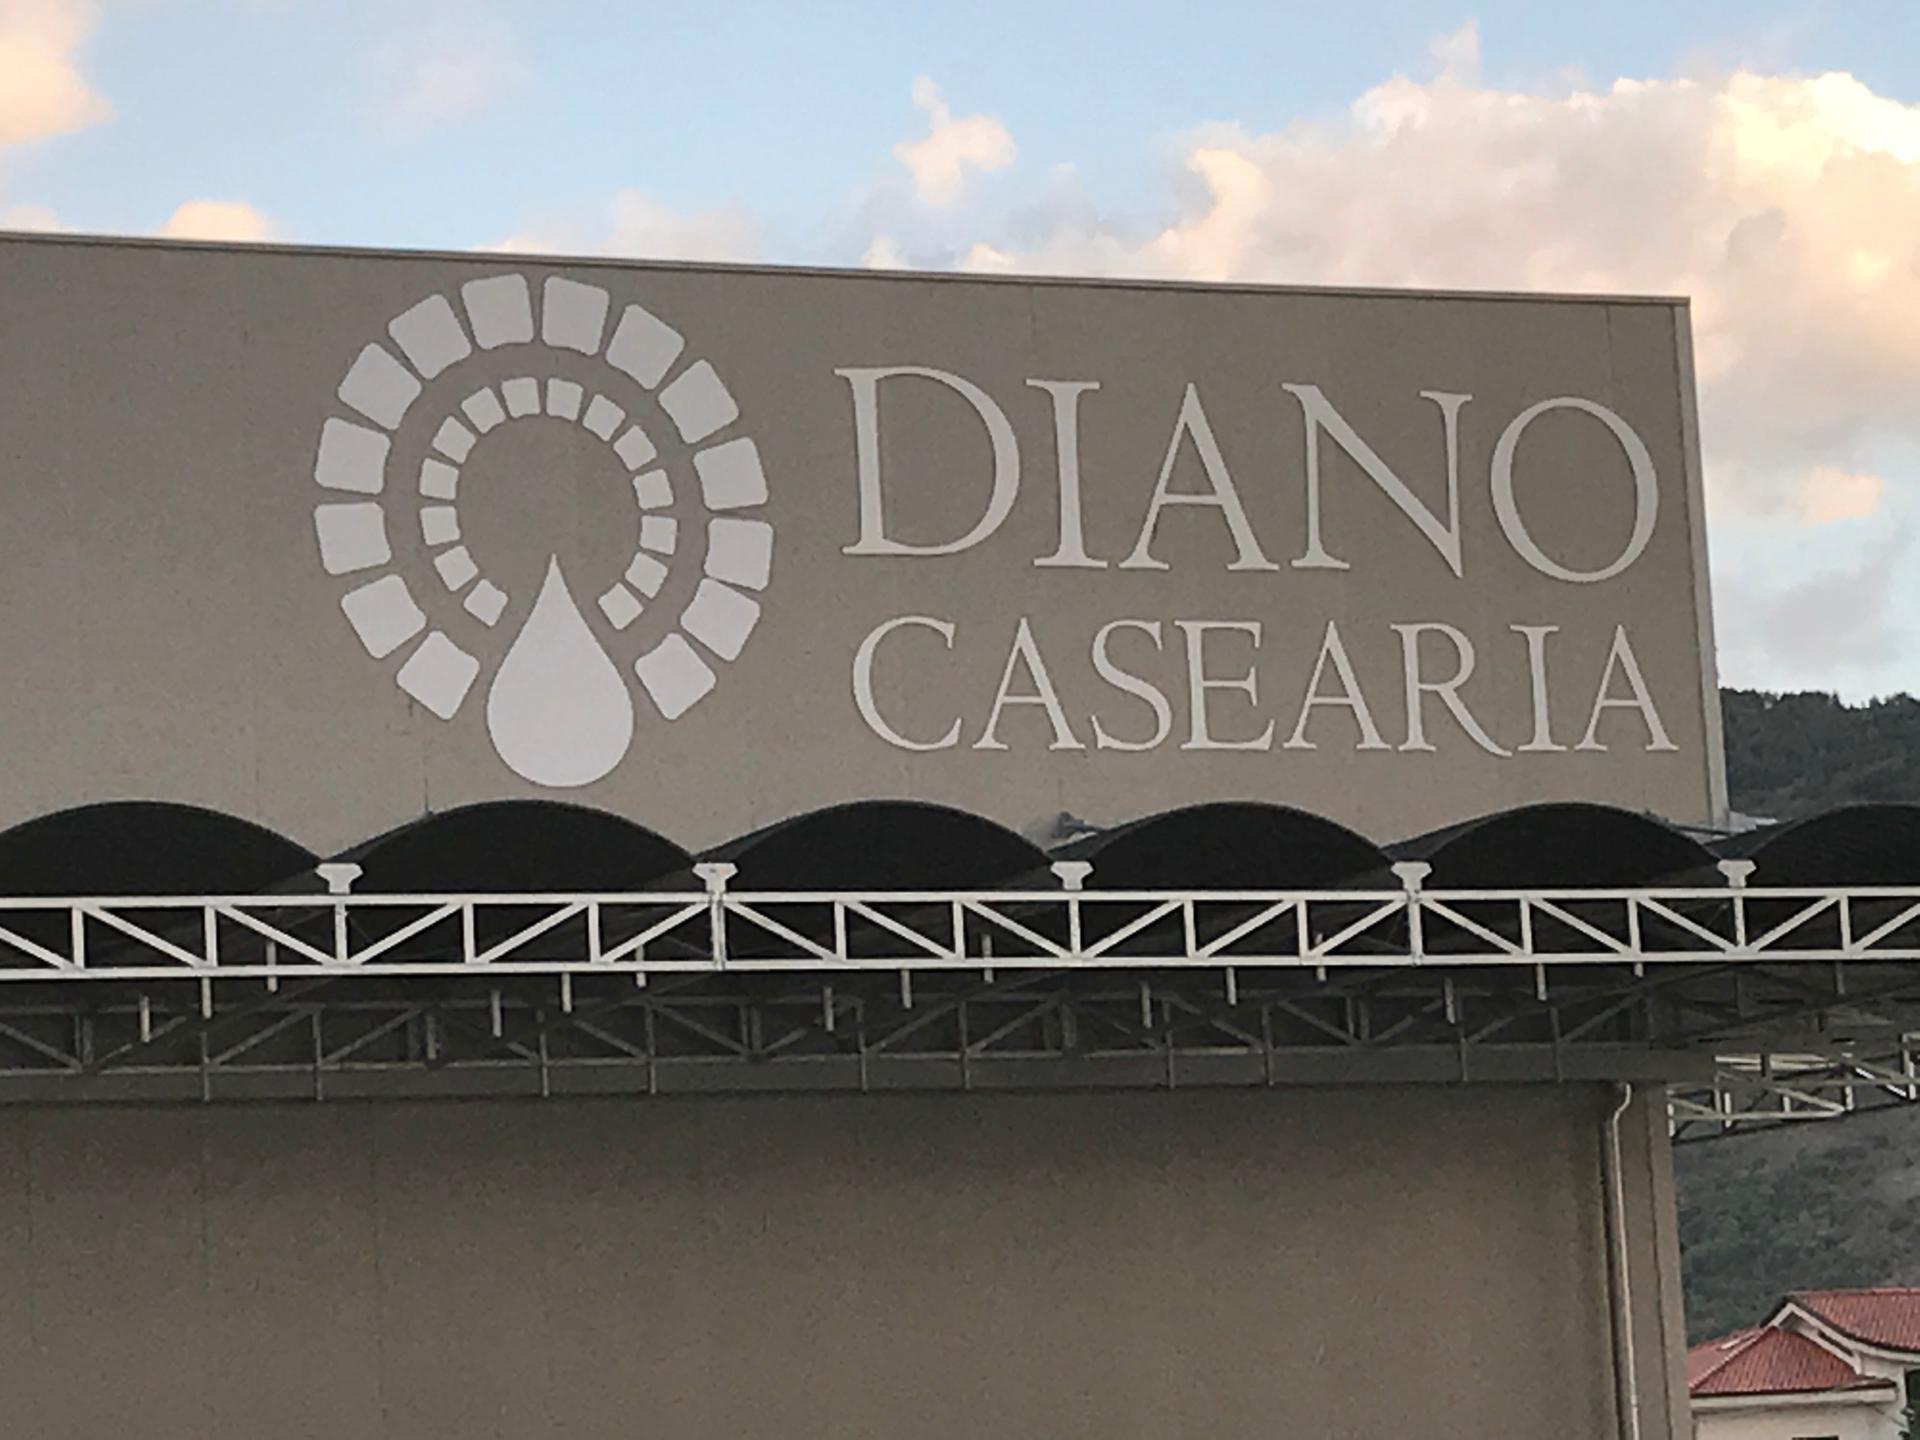 Diano Casearia SPA impianto fotovoltaico 600kw e Cabina di trasformazione26